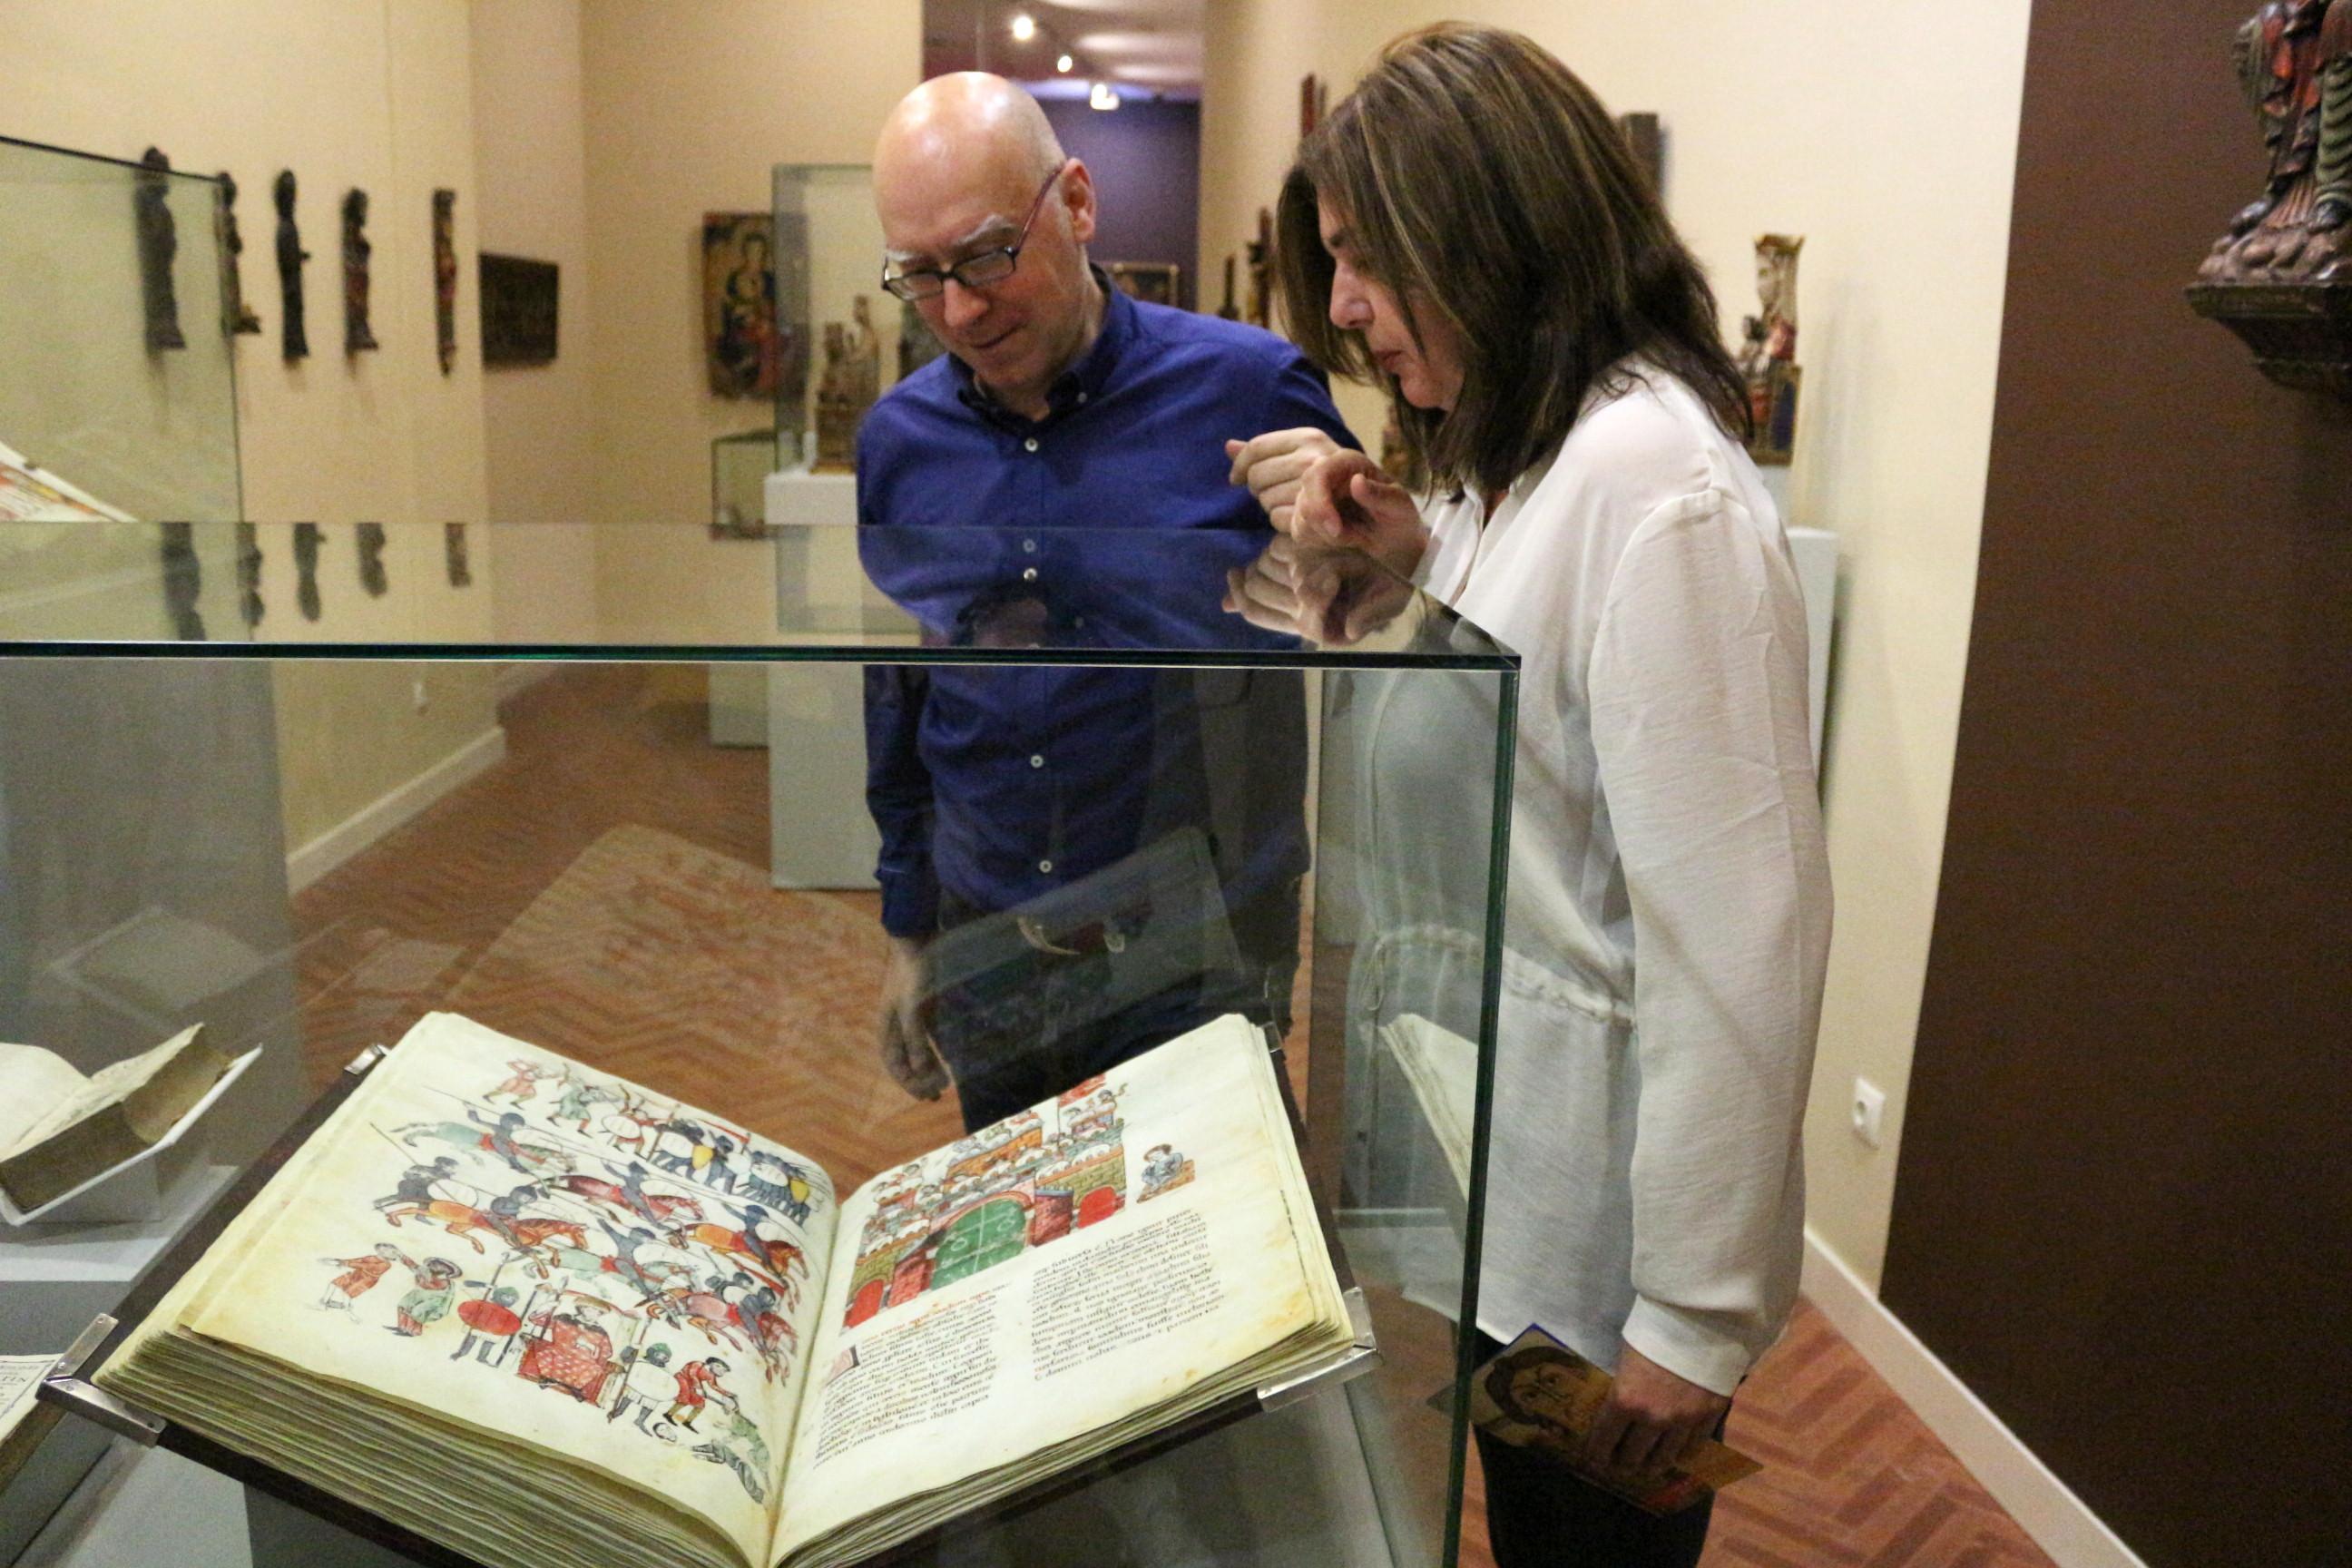 Pepa Vela y Jesús Romero observan un libro de la exposición